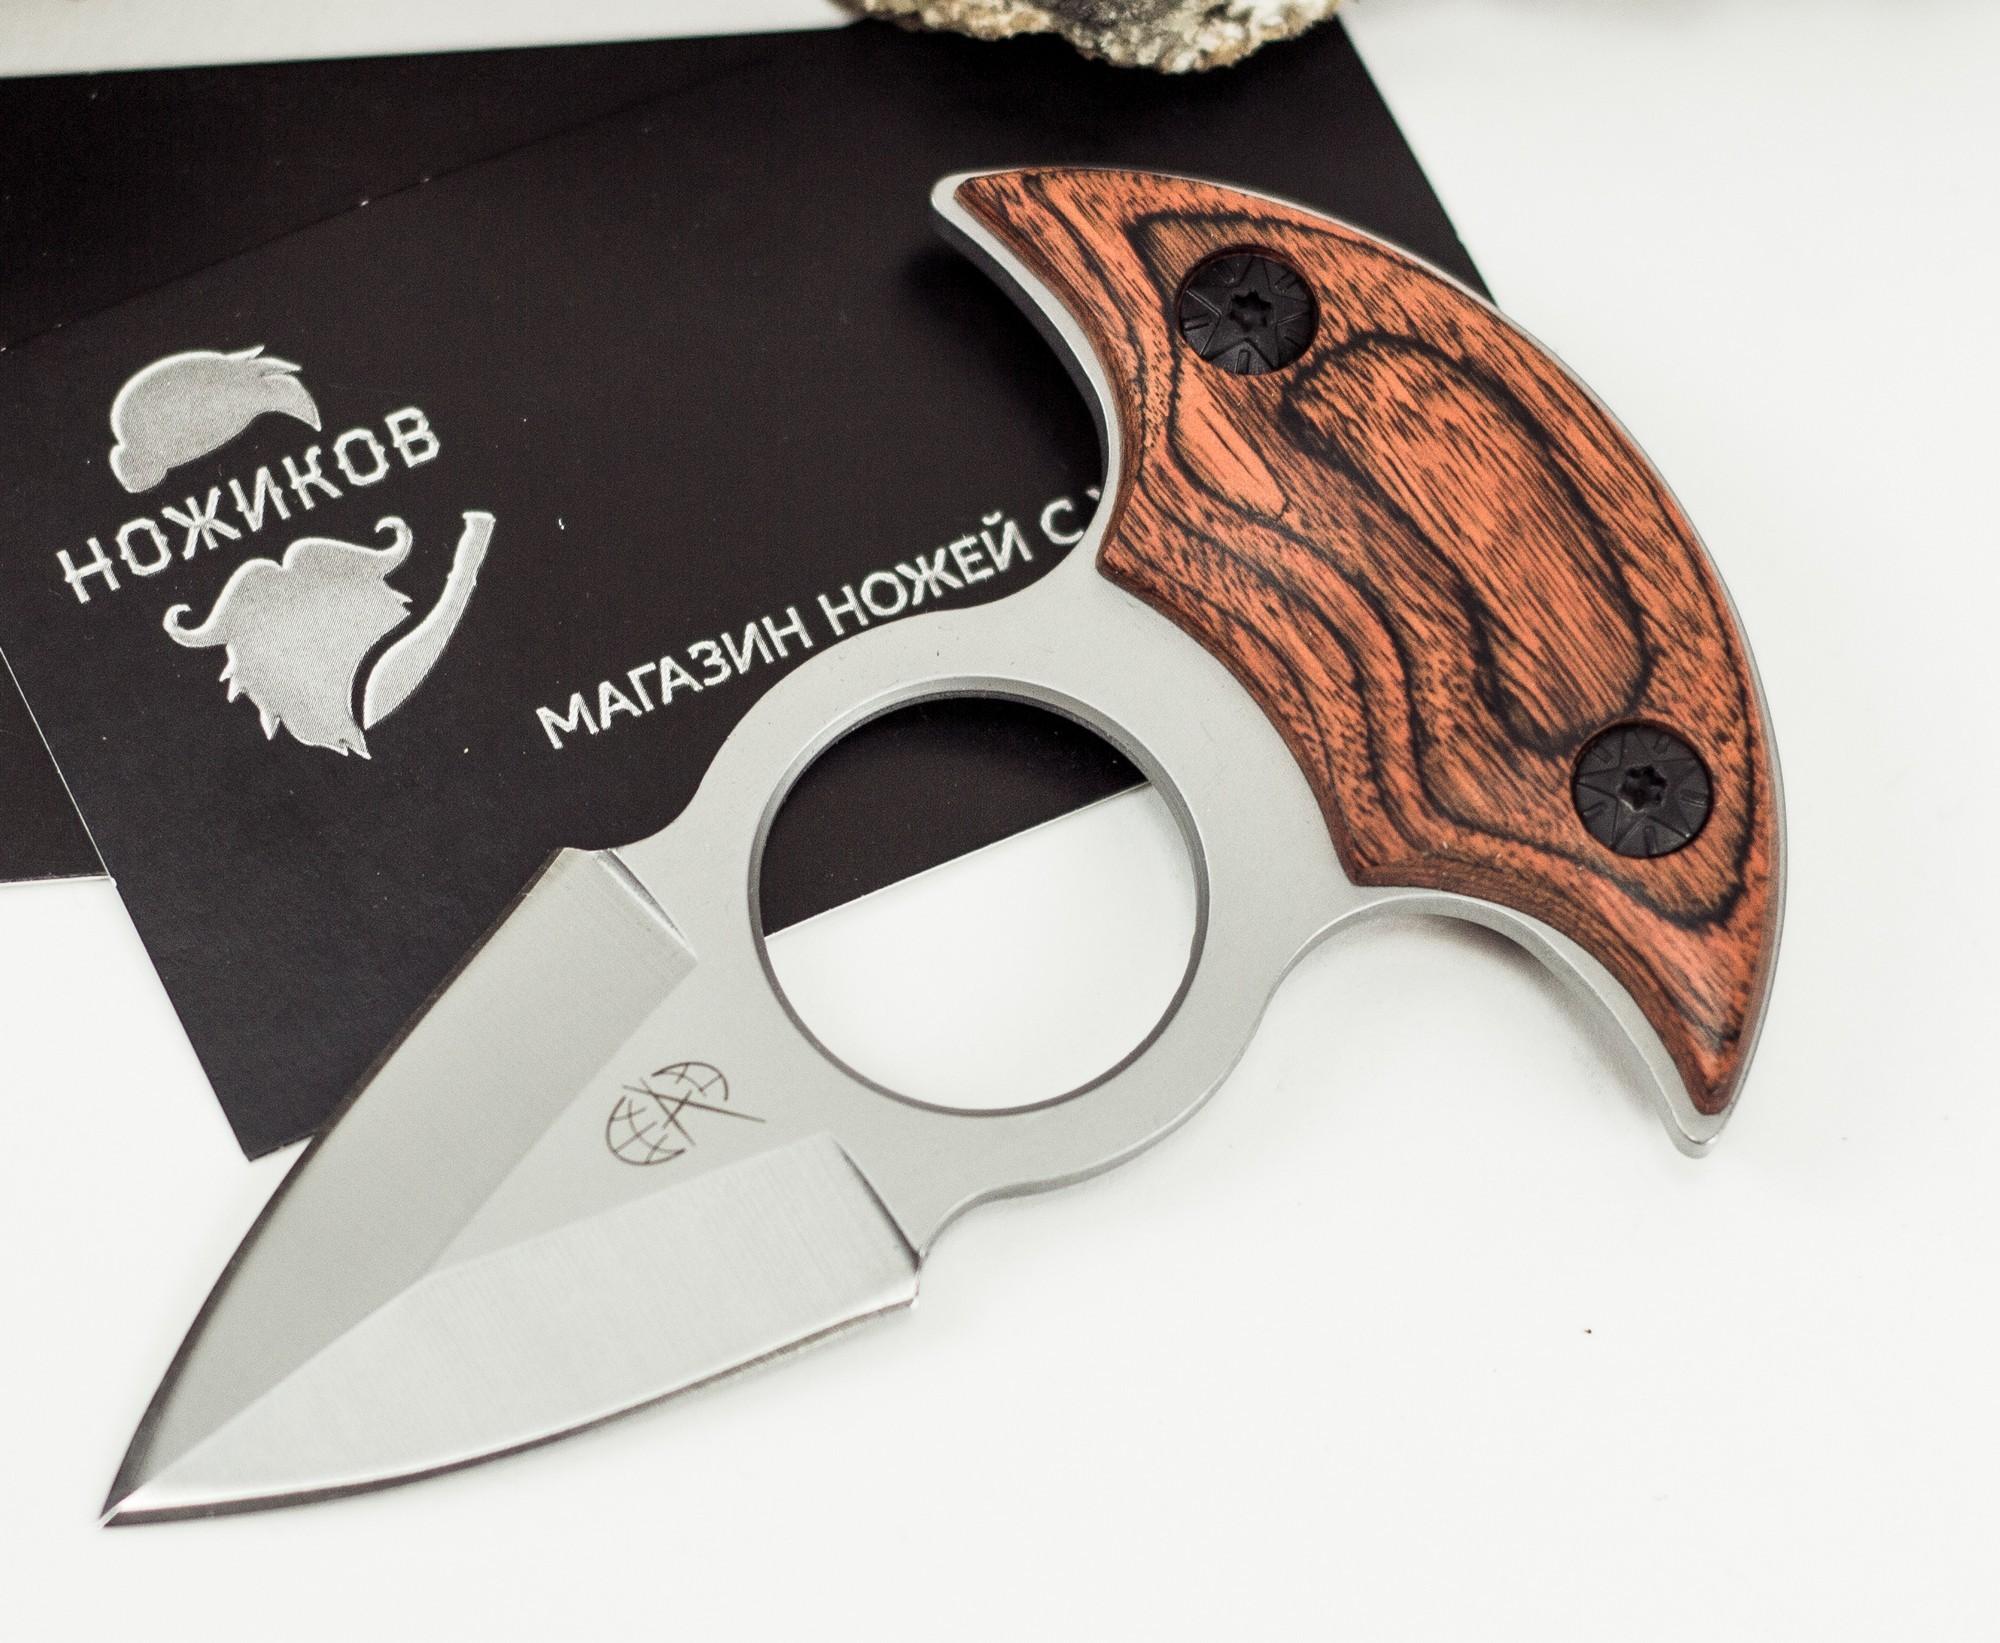 Тычковый нож 1202 от Pirat